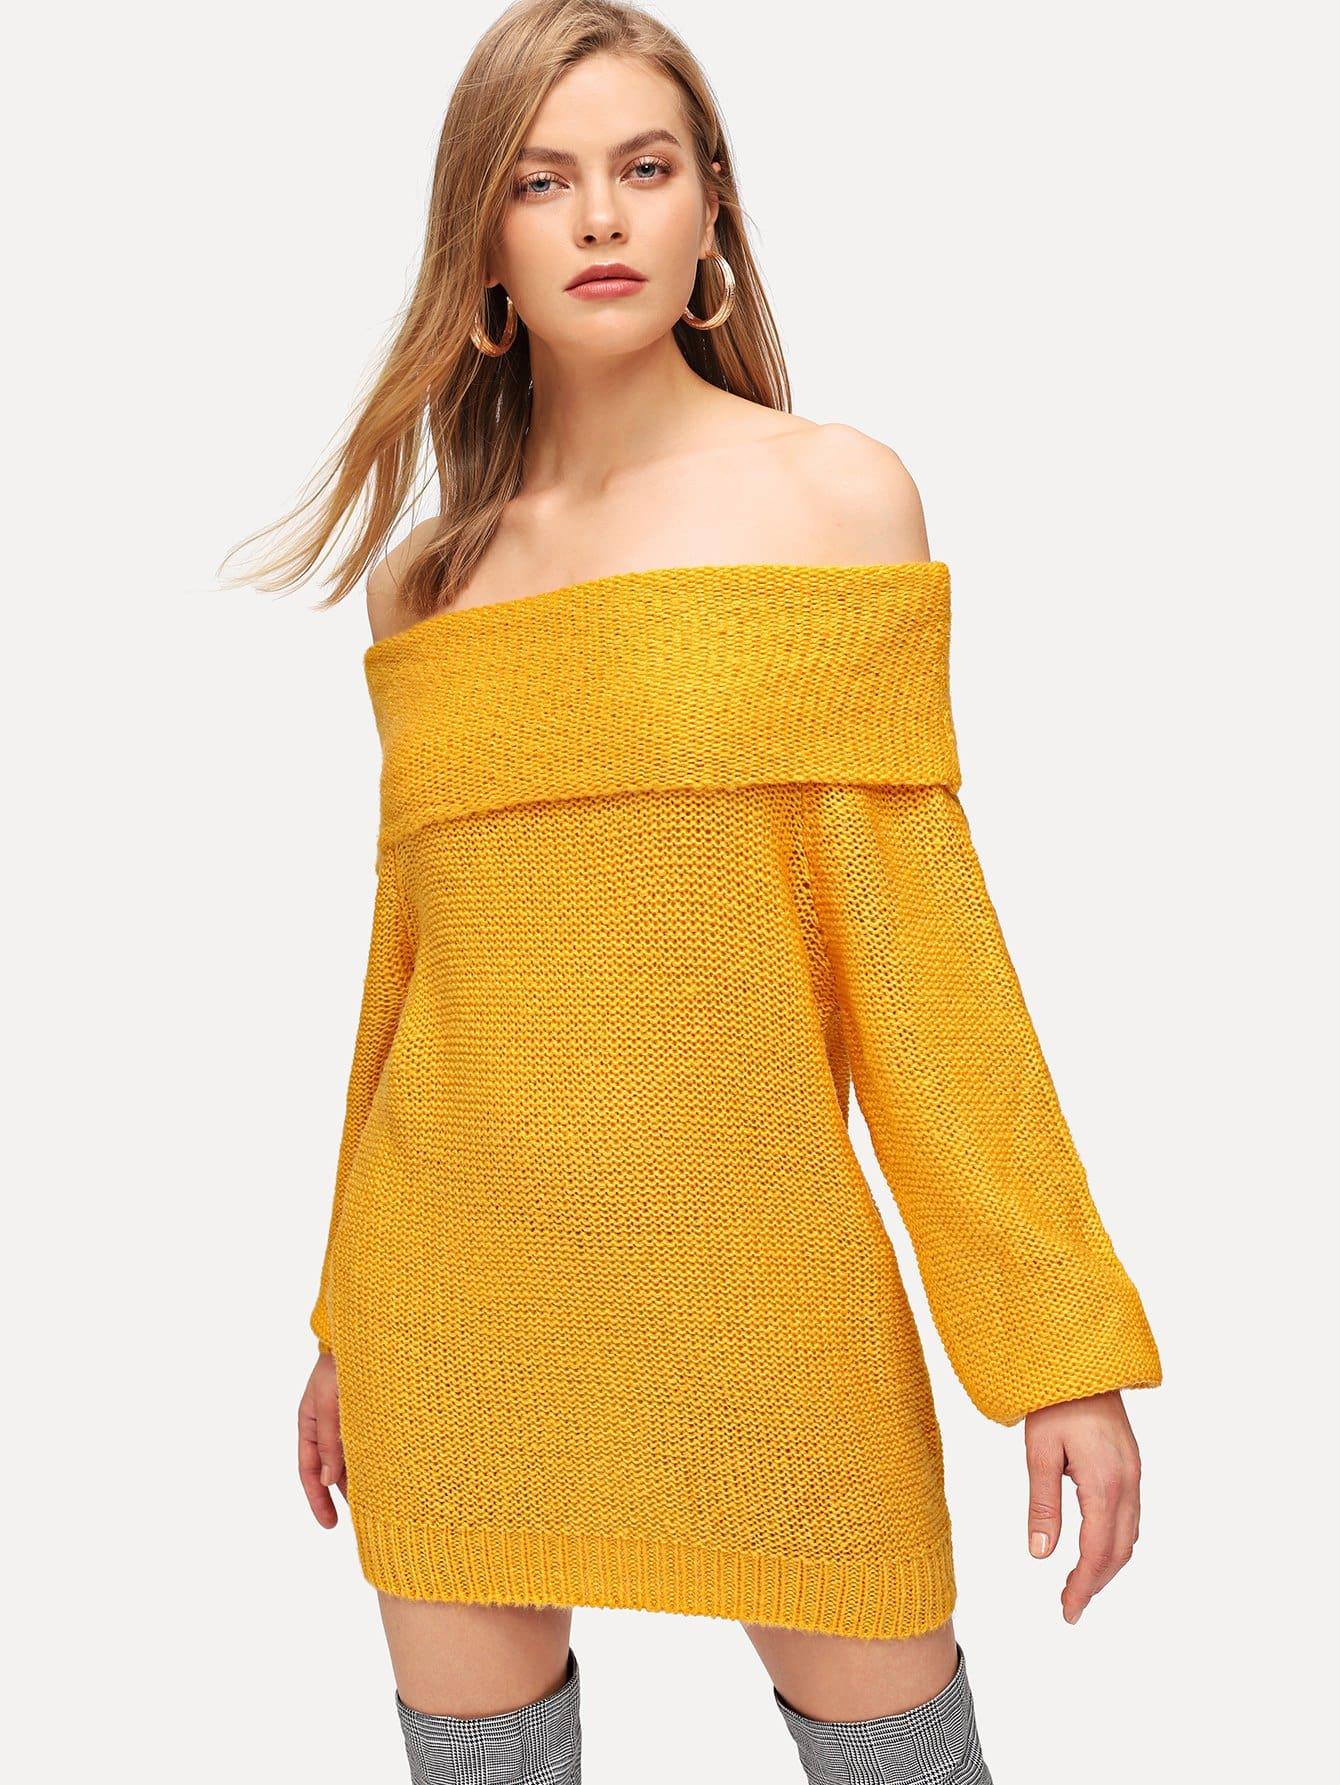 Купить Однотонный свитер с открытыми плечами, Kate C, SheIn